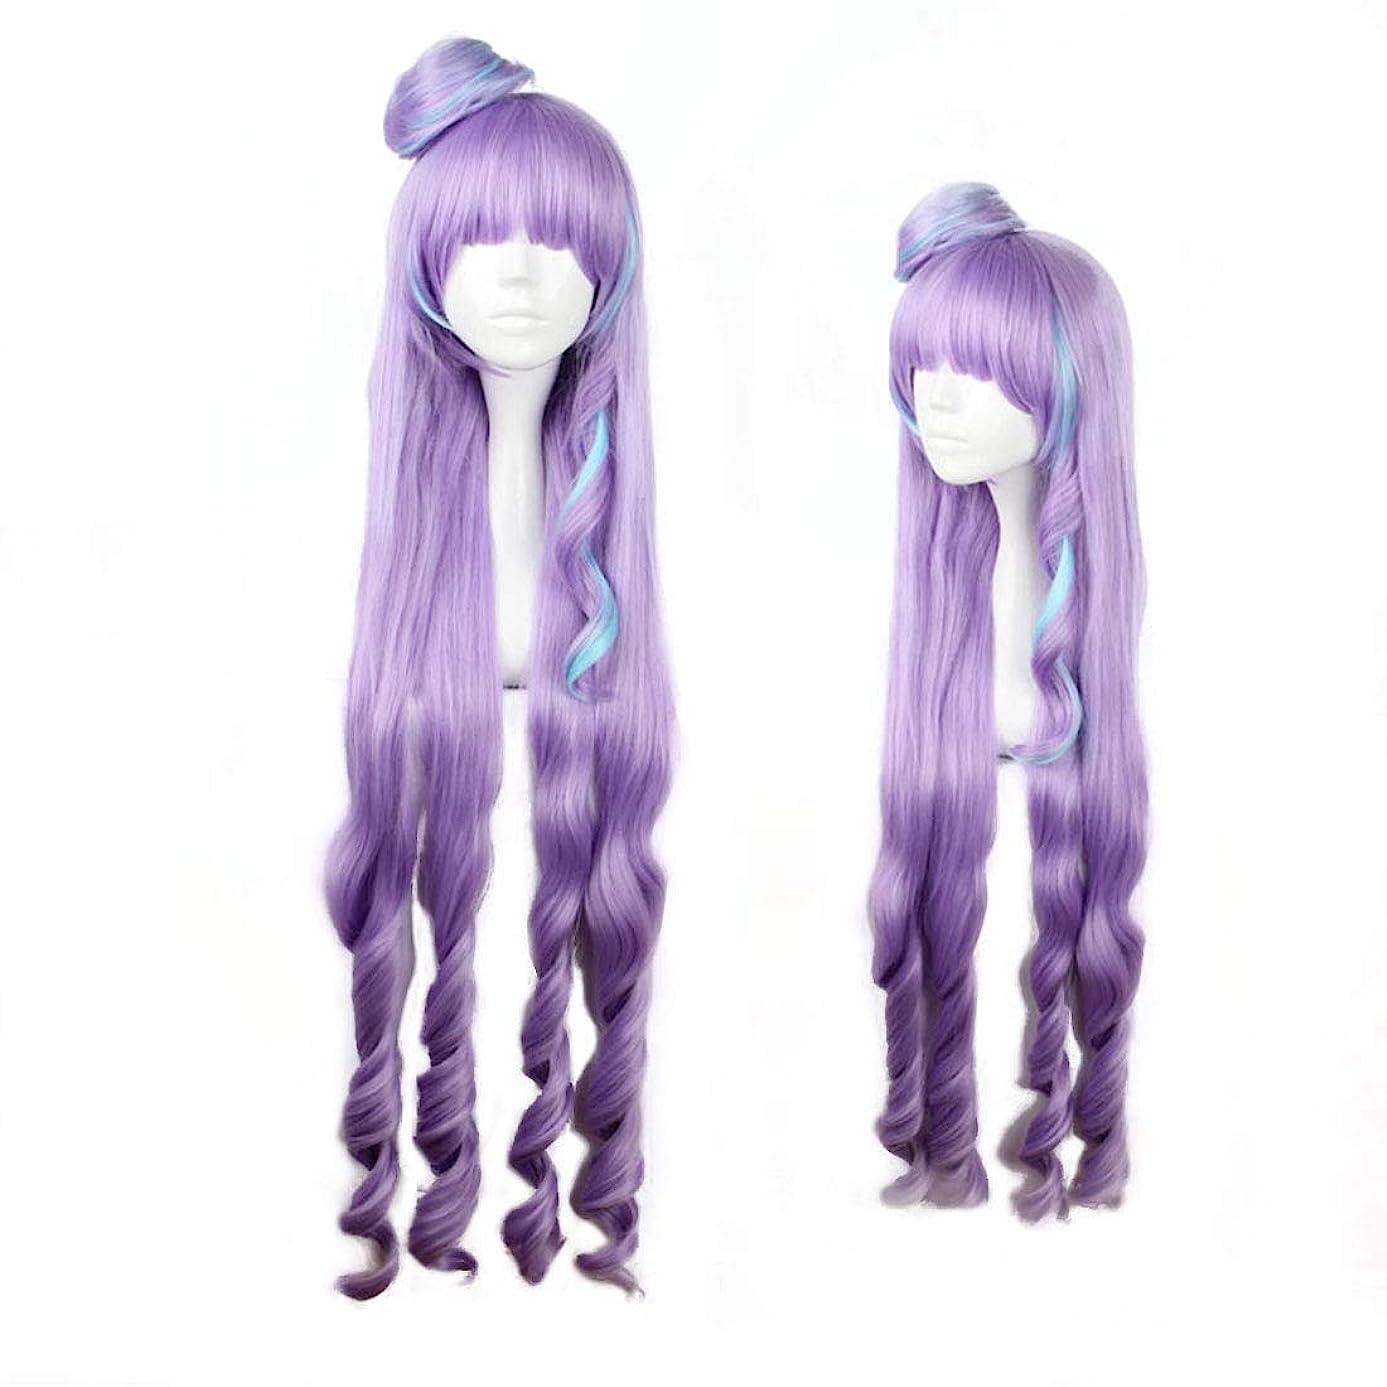 トライアスリートスーパーマーケットキャロラインKoloeplf Meiyun Ginummel コスプレ パープル ヘア バッグスタイル ロング カーリー ヘア アニメかつら 長い髪 (Color : Purple)